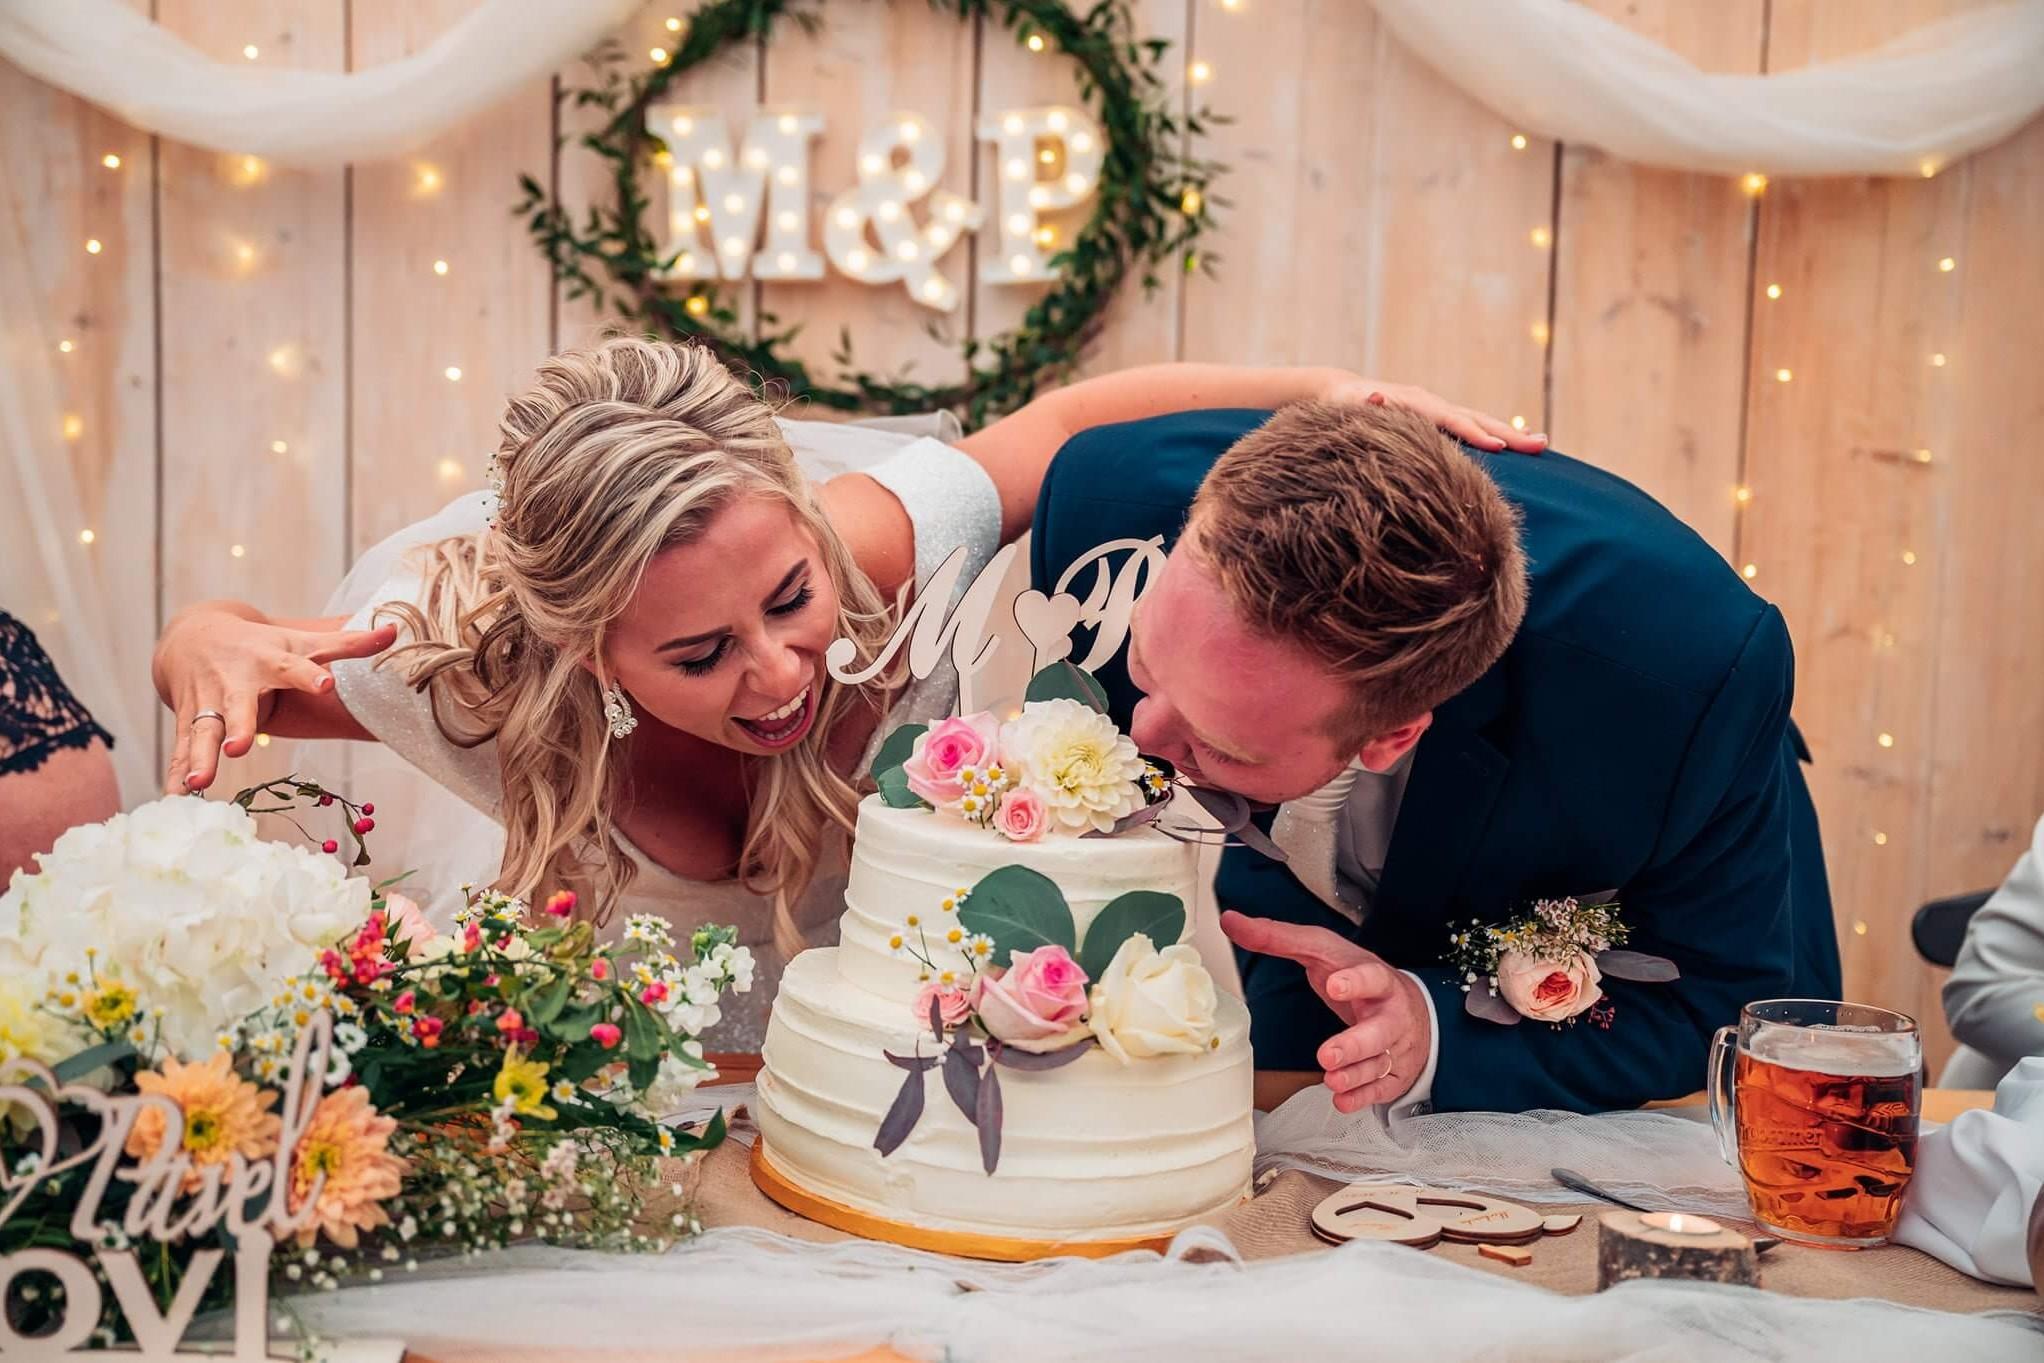 svatba, svatební fotograf, chlumec nad cidlinou, penzion alwin, svatební fotograf chlumec nad cidlinou